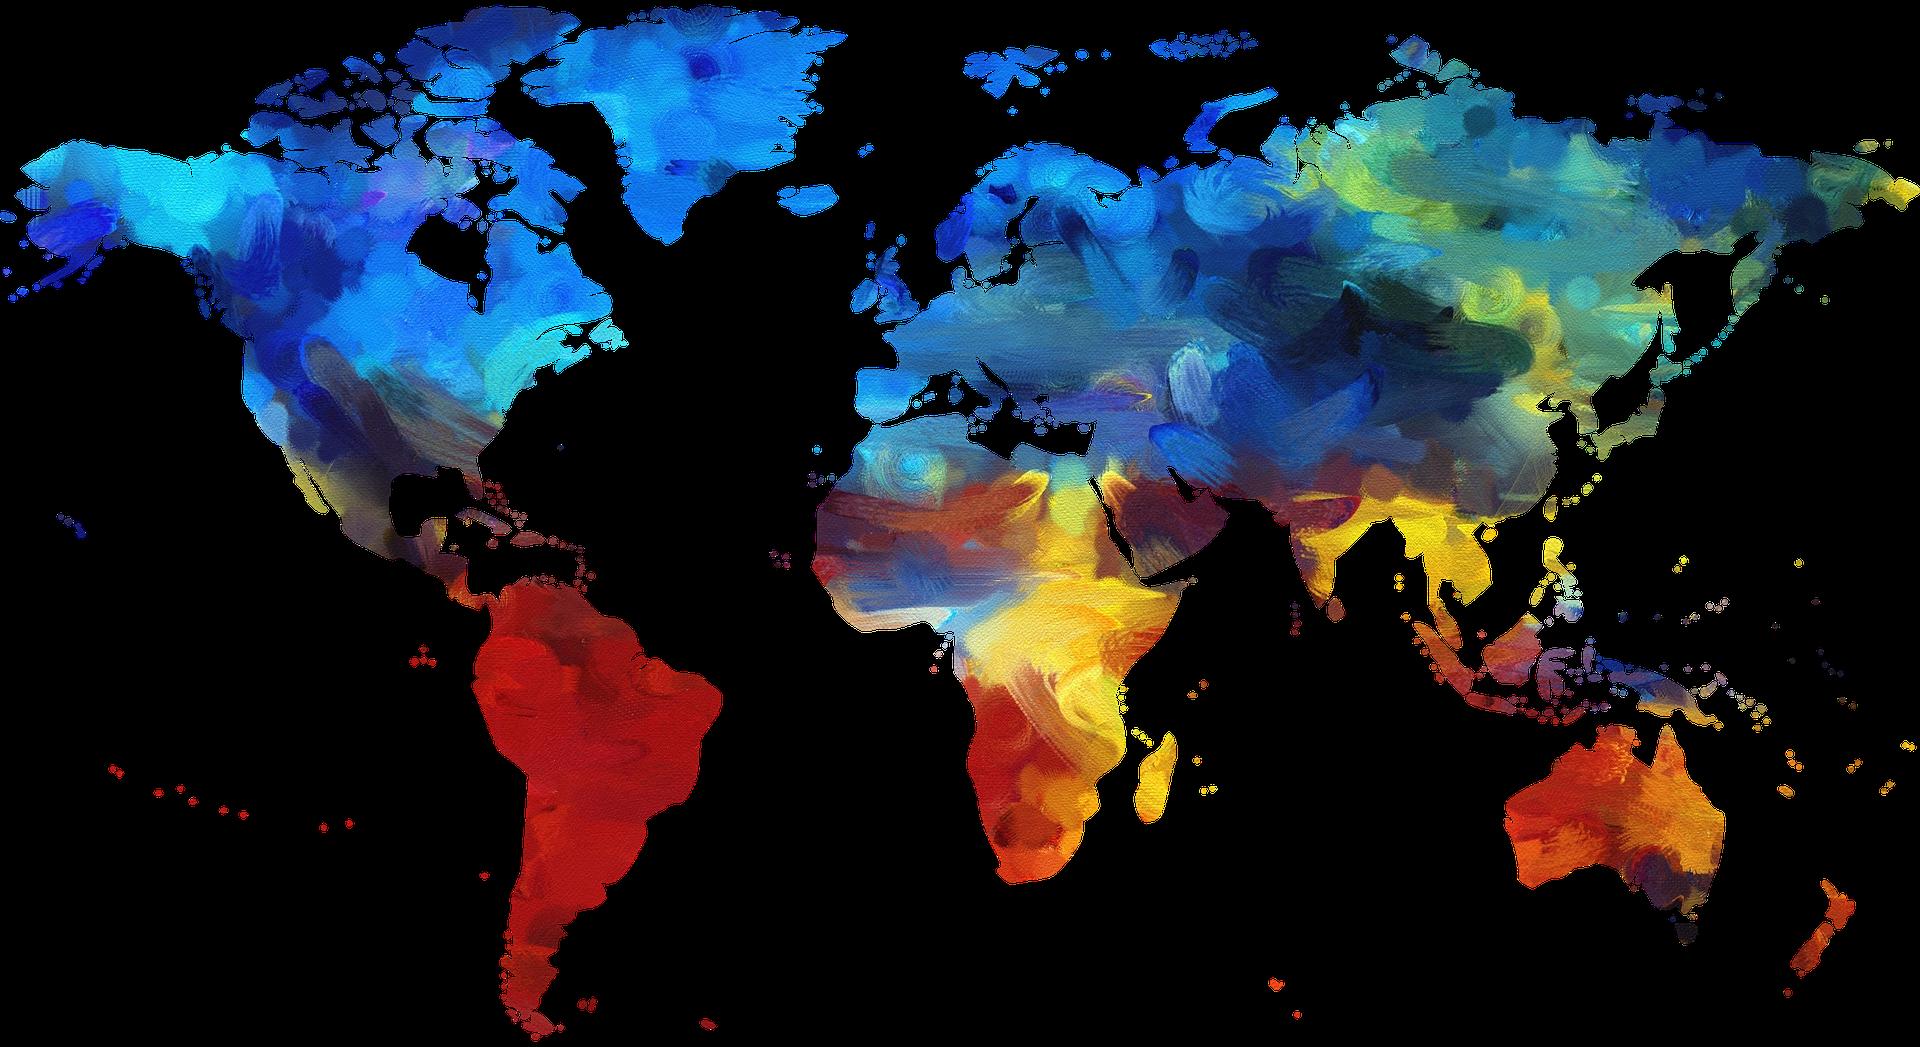 UNE DESTINATION à LA CARTE - Proximité : En France, ses régions, son littoral et ses Iles2h < Accès < 6h : Le Bassin méditerranéen et le Moyen Orient6h < Accès < 9h : Les Caraïbes et l'Océan IndienAccès> 9h : L'Amérique et l'Extrême Orient